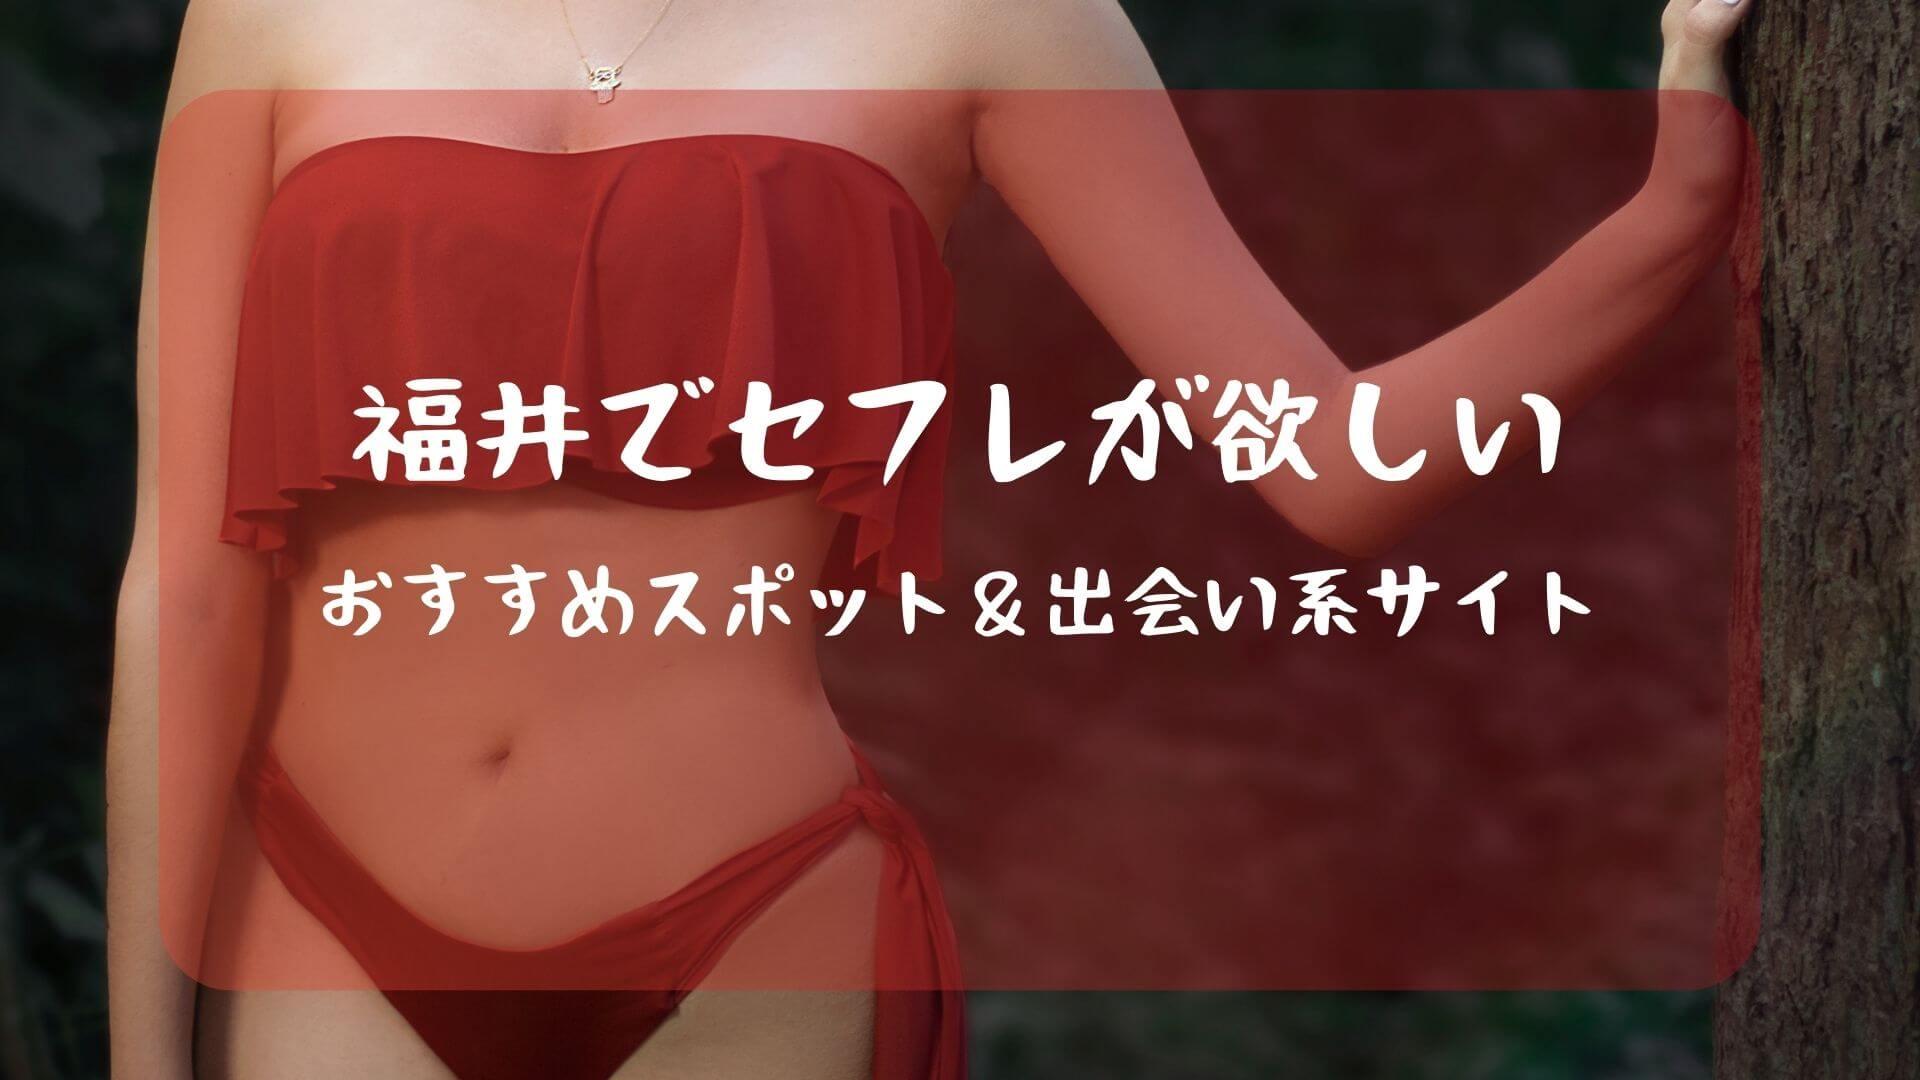 福井セフレアイキャッチ